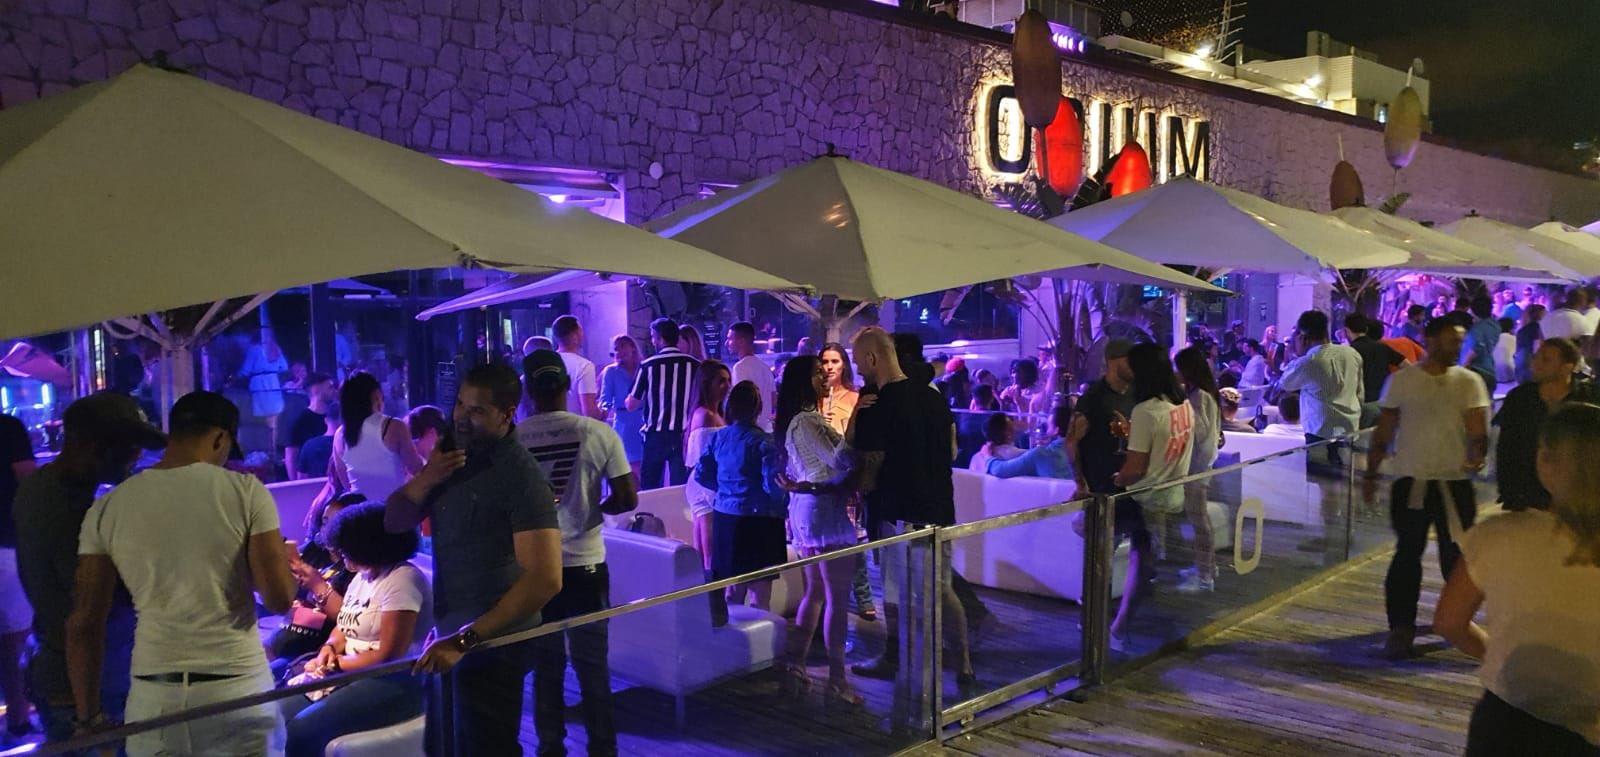 Una festa a la terrassa de la discoteca Opium ha indignat als veïns / Twitter - @masnou_pujol